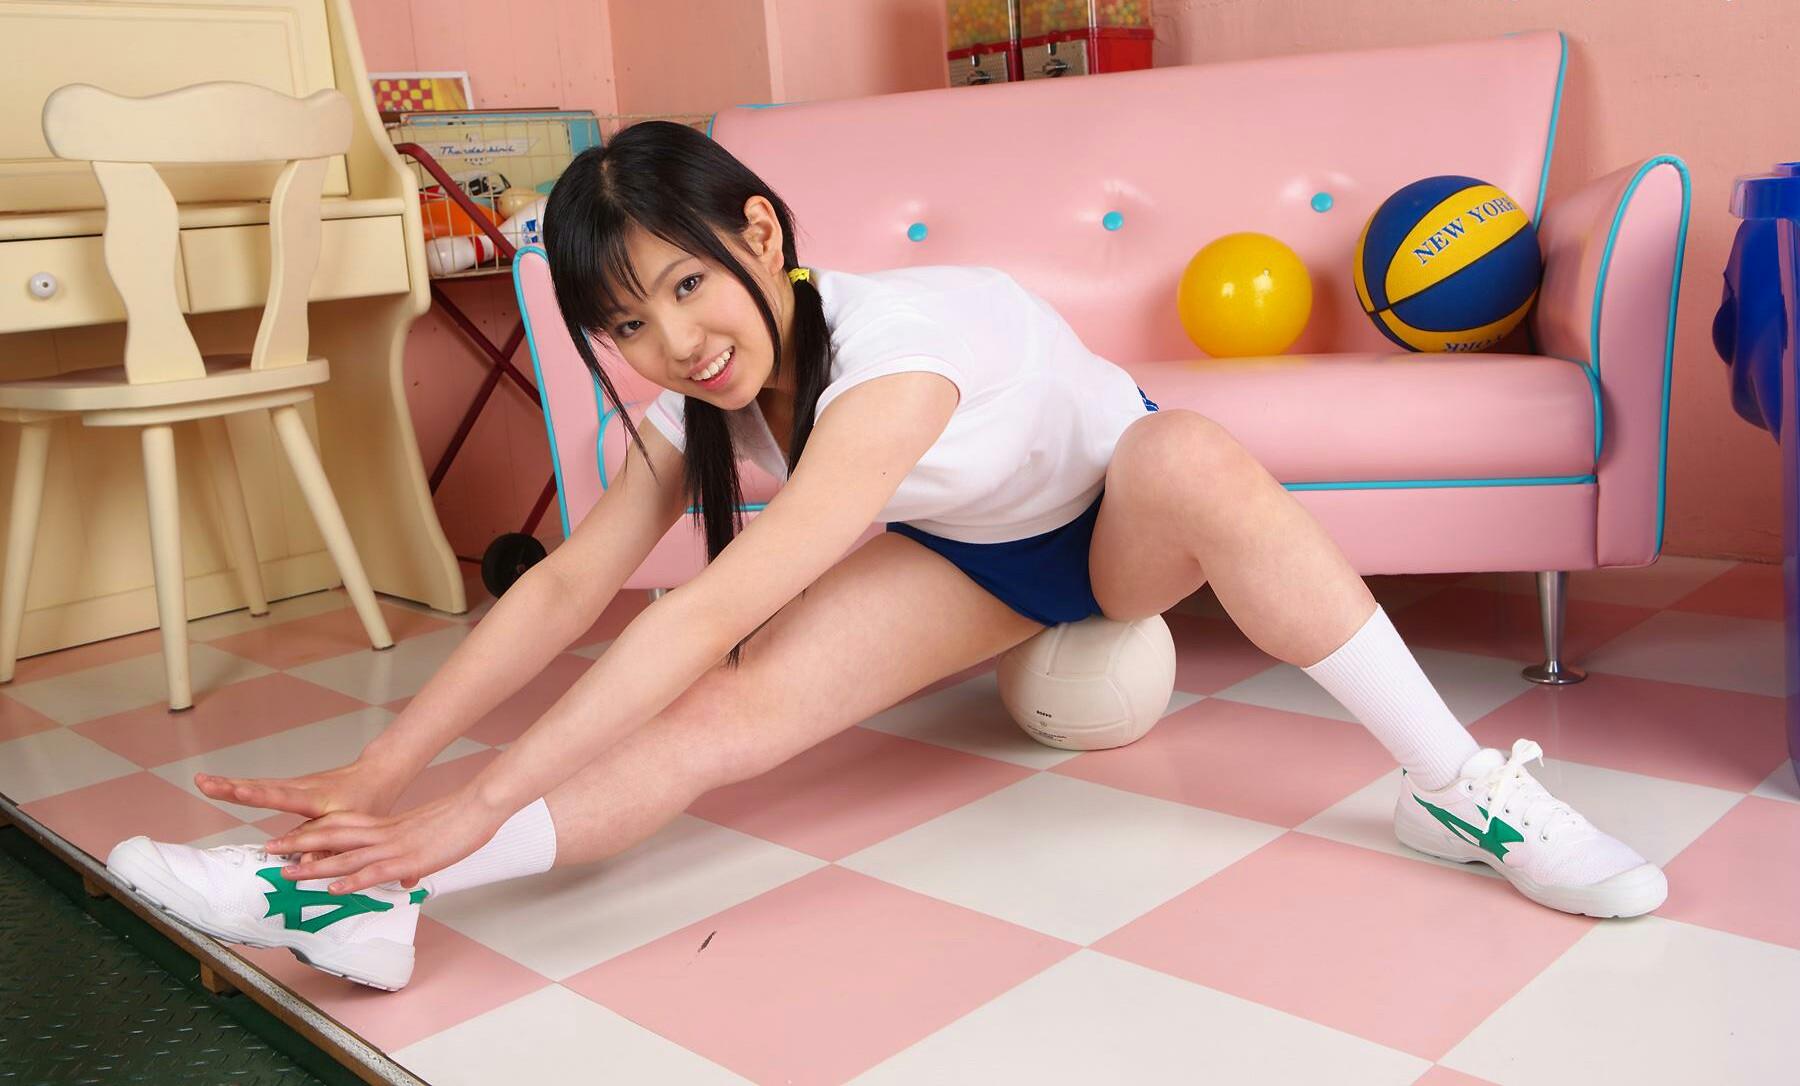 お尻 ボール 潰す 玉乗り ブルマ エロ画像【10】